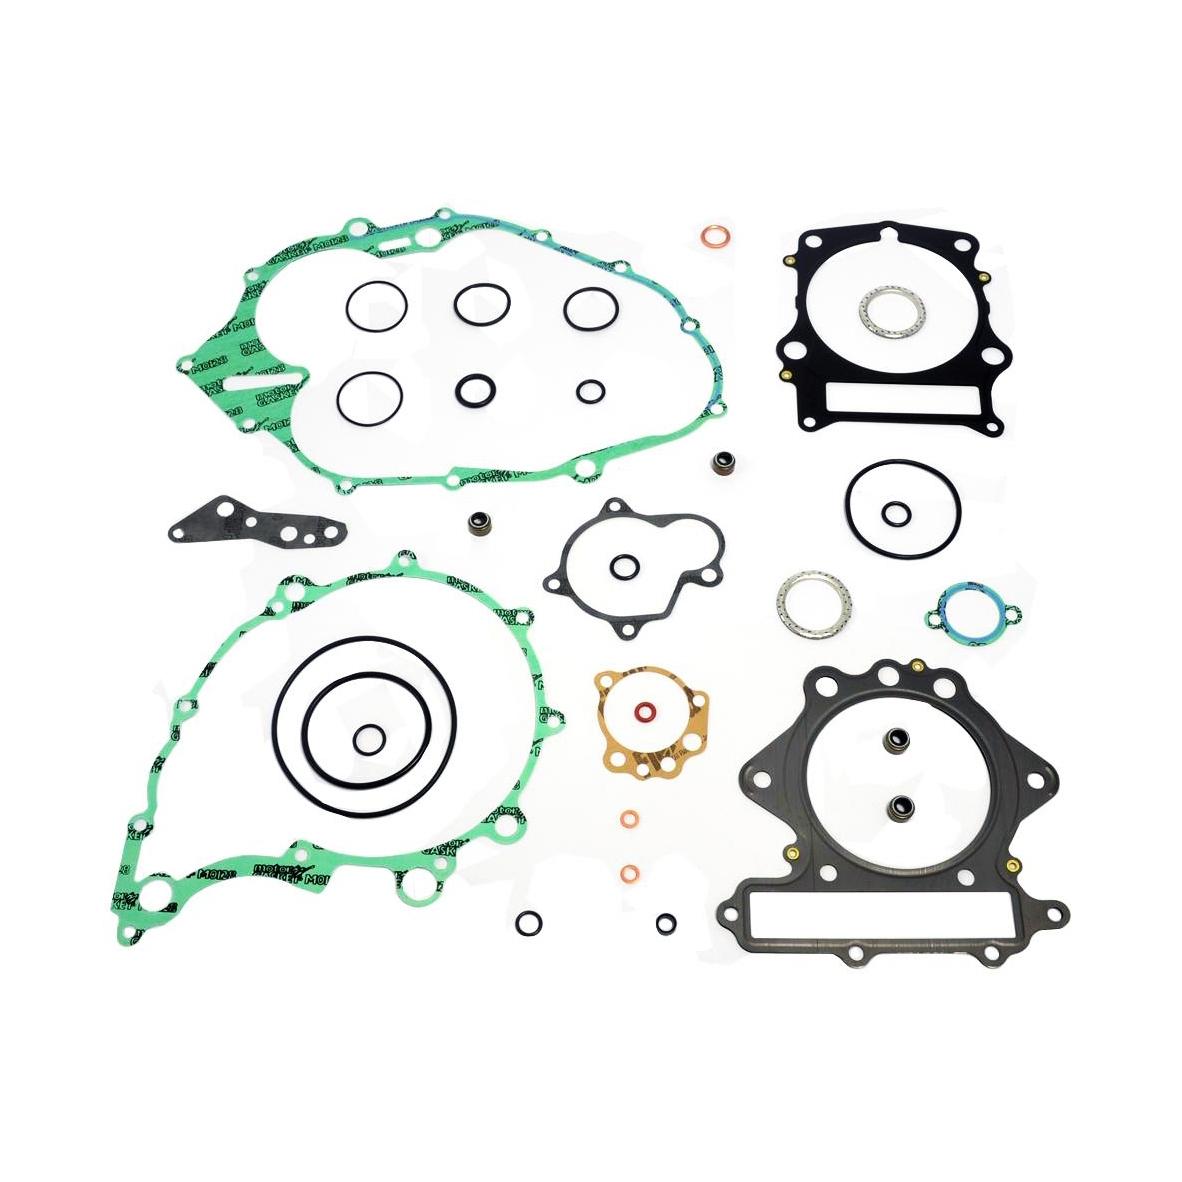 Kit joints moteur complet Athena pour Yamaha TT E 600 94-01